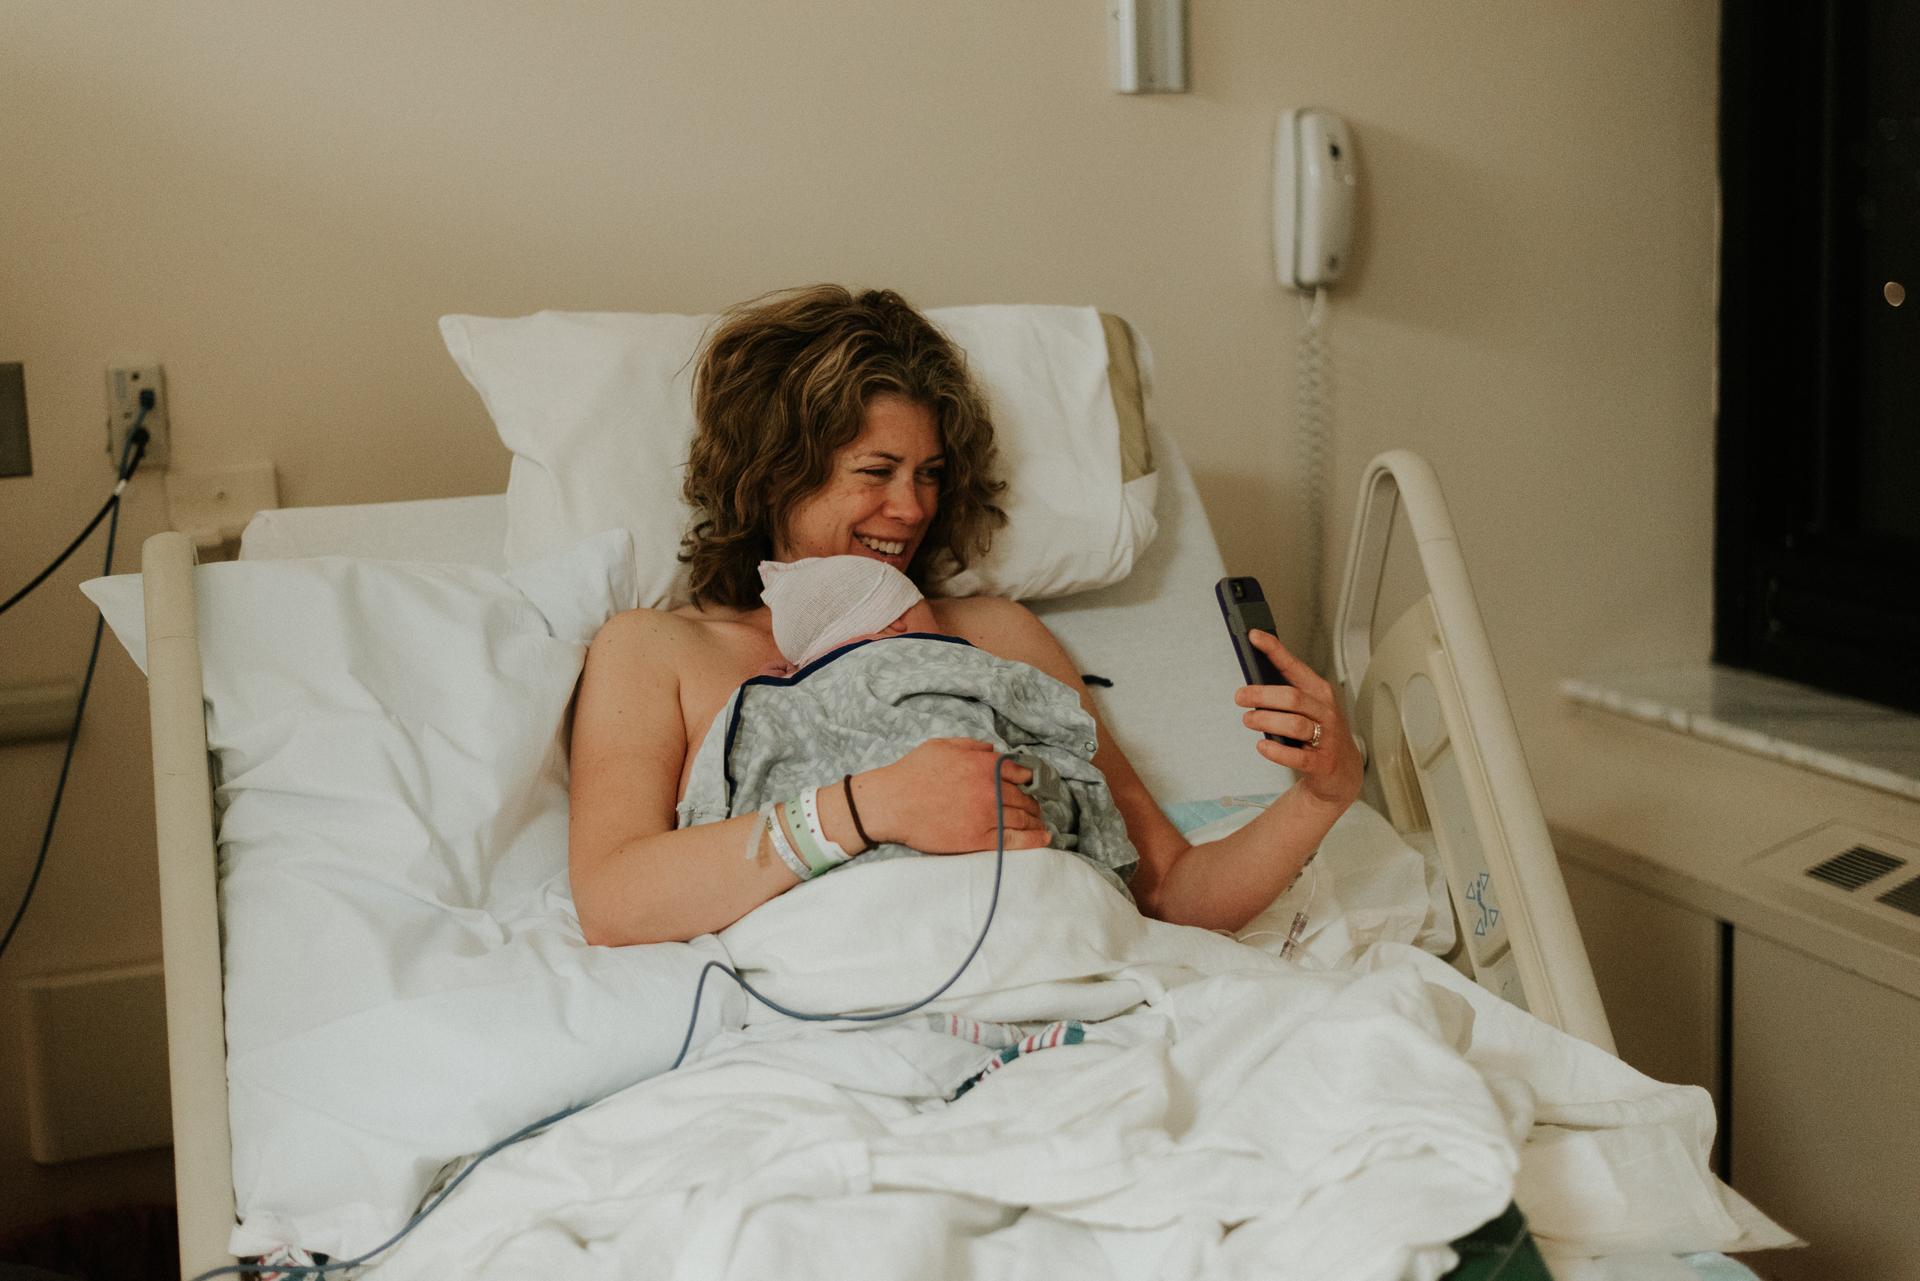 Emmett Birth Cincinnati Birth Photographer -125.JPG